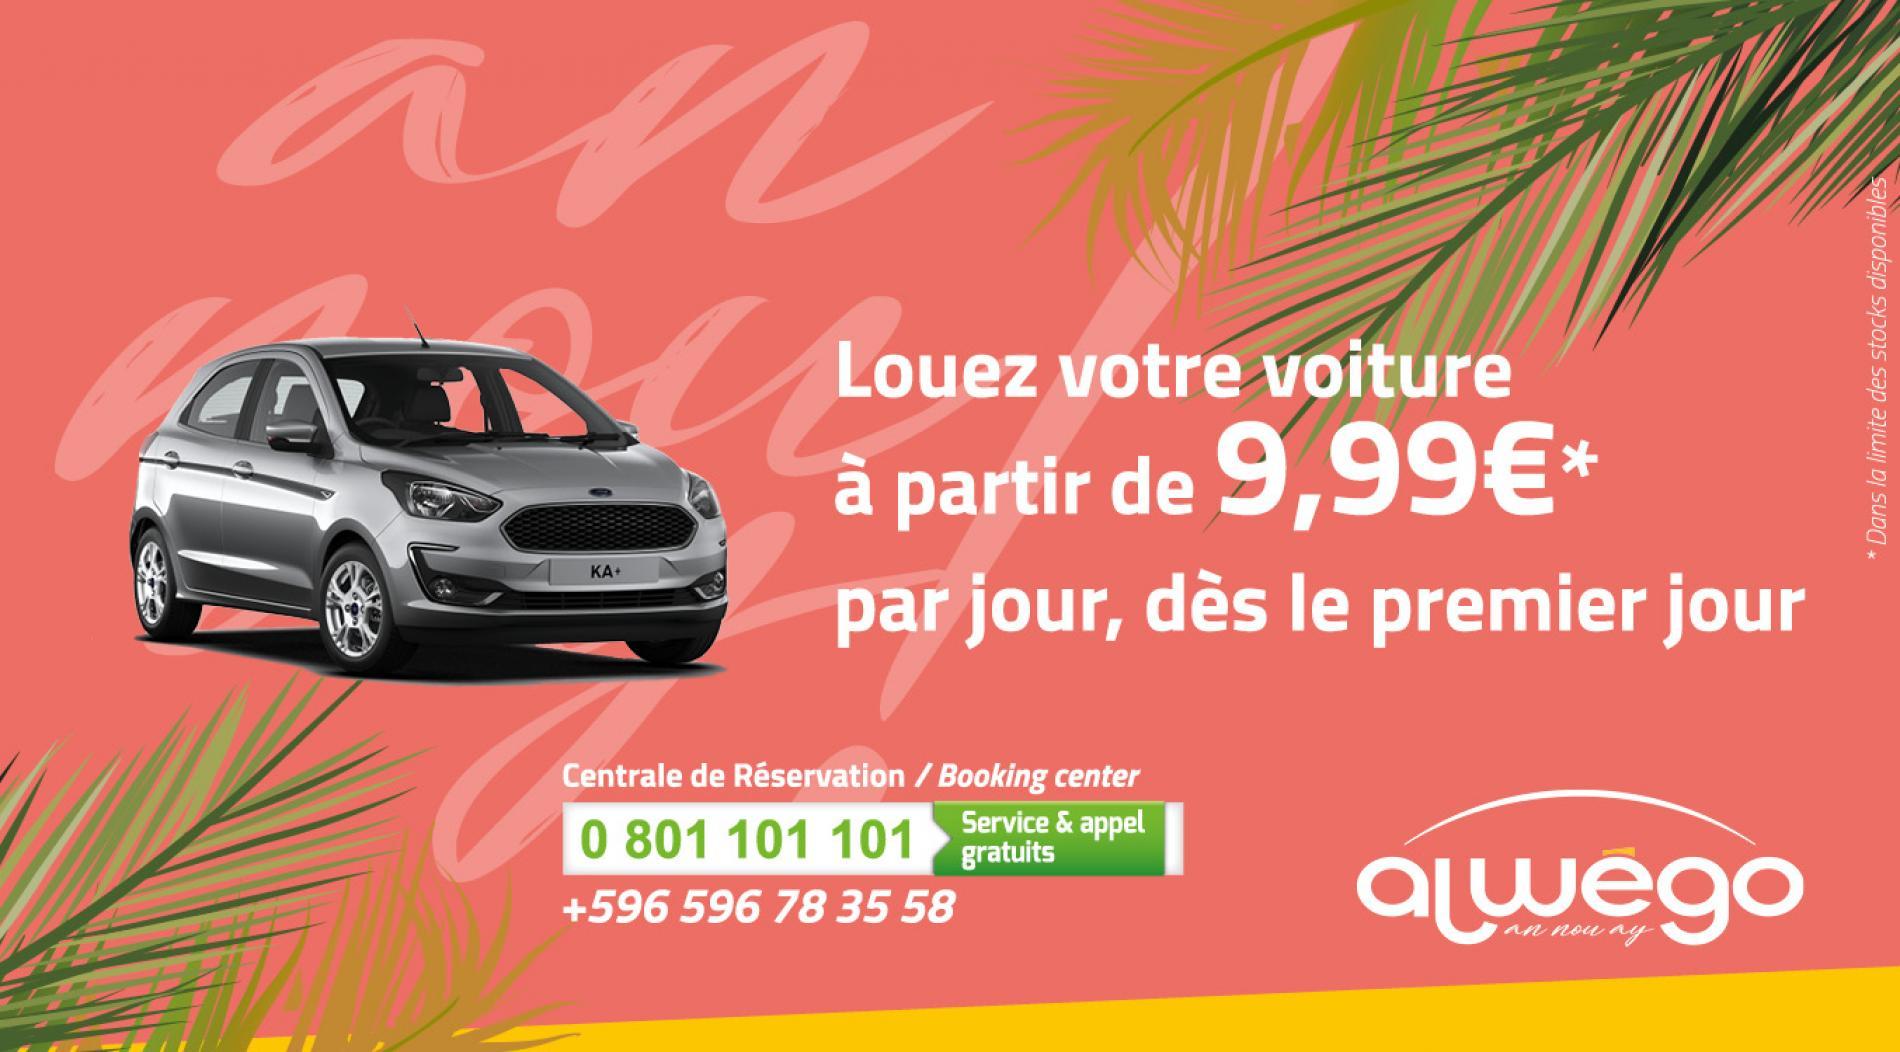 Paques en famille avec Alwego Martinique Location de voiture